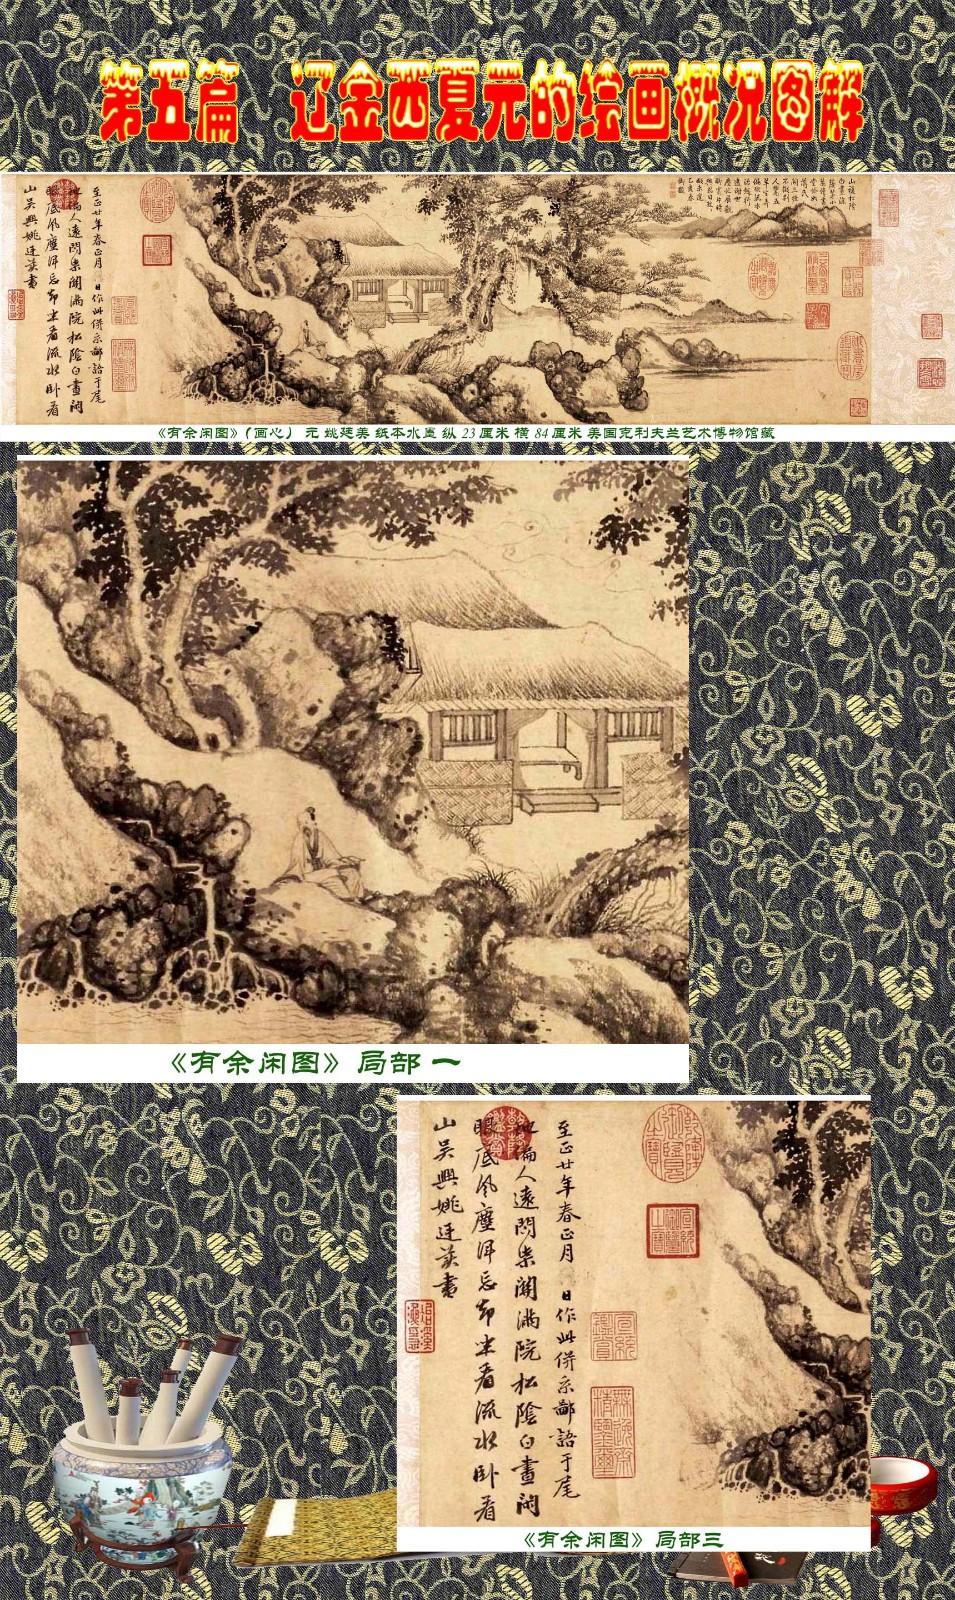 顾绍骅编辑 中国画知识普及版 第五篇 辽金西夏元的绘画概况 下 ... ..._图1-73